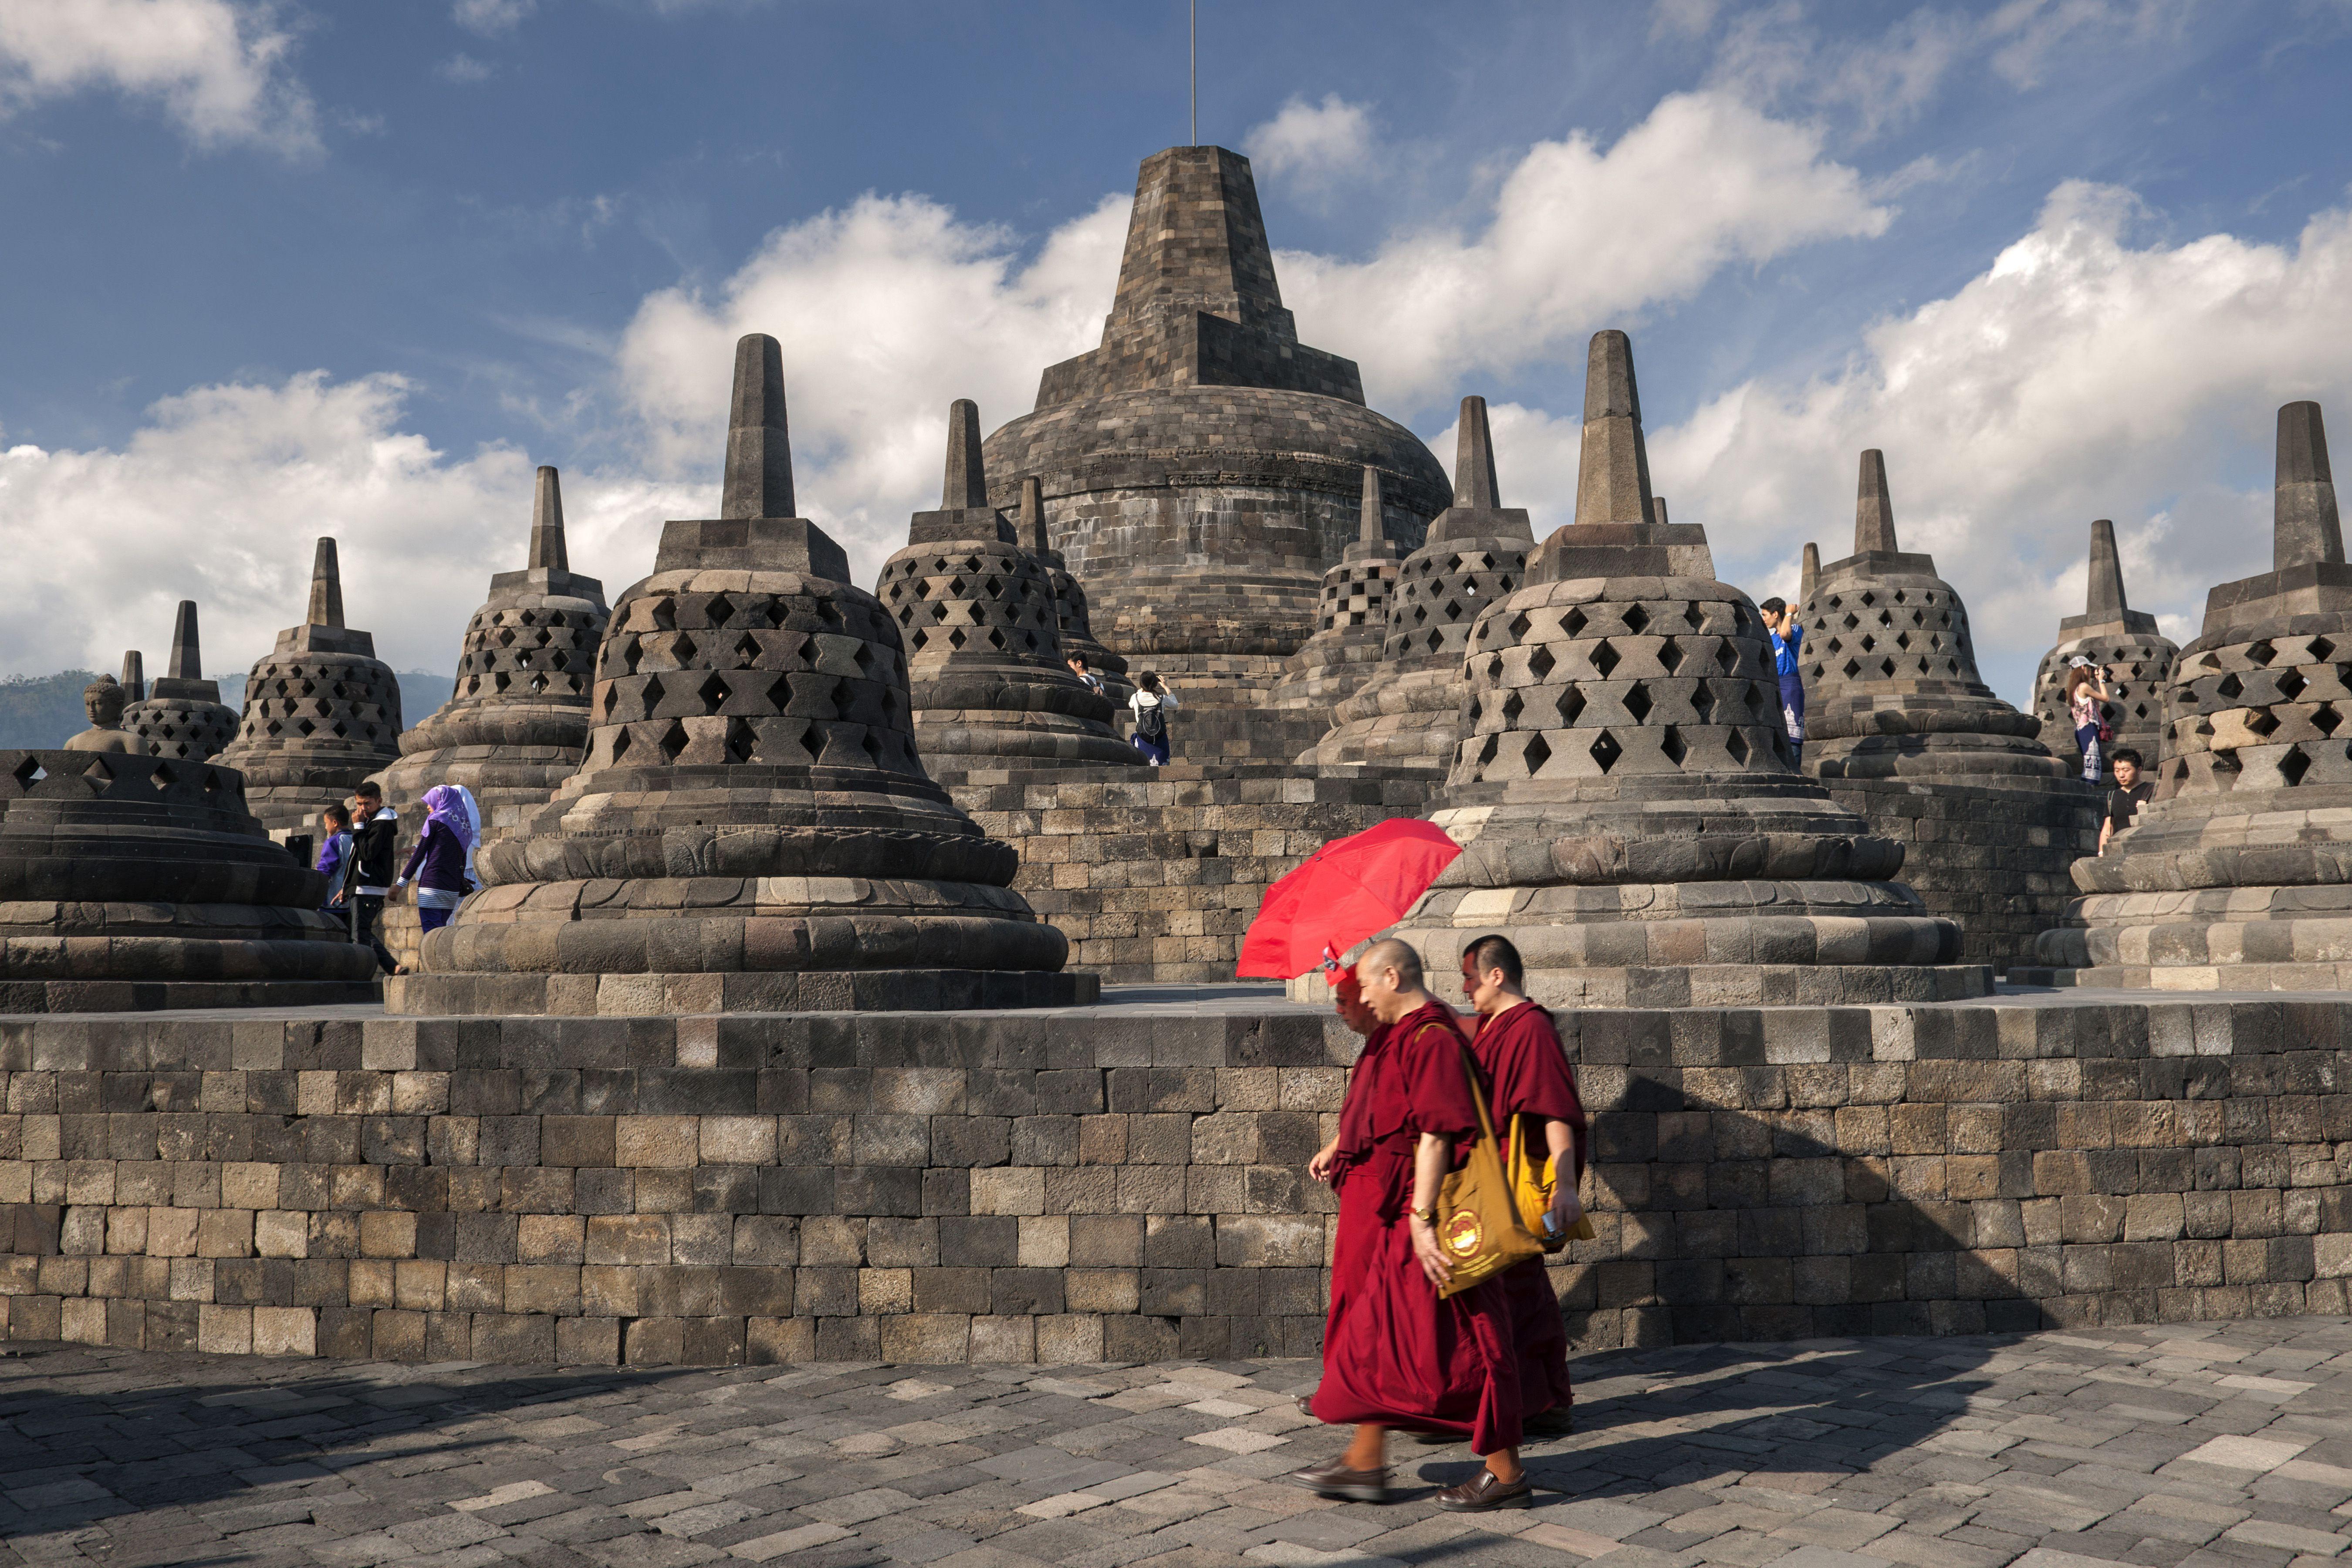 Borobudur temple complex in Java, Indonesia